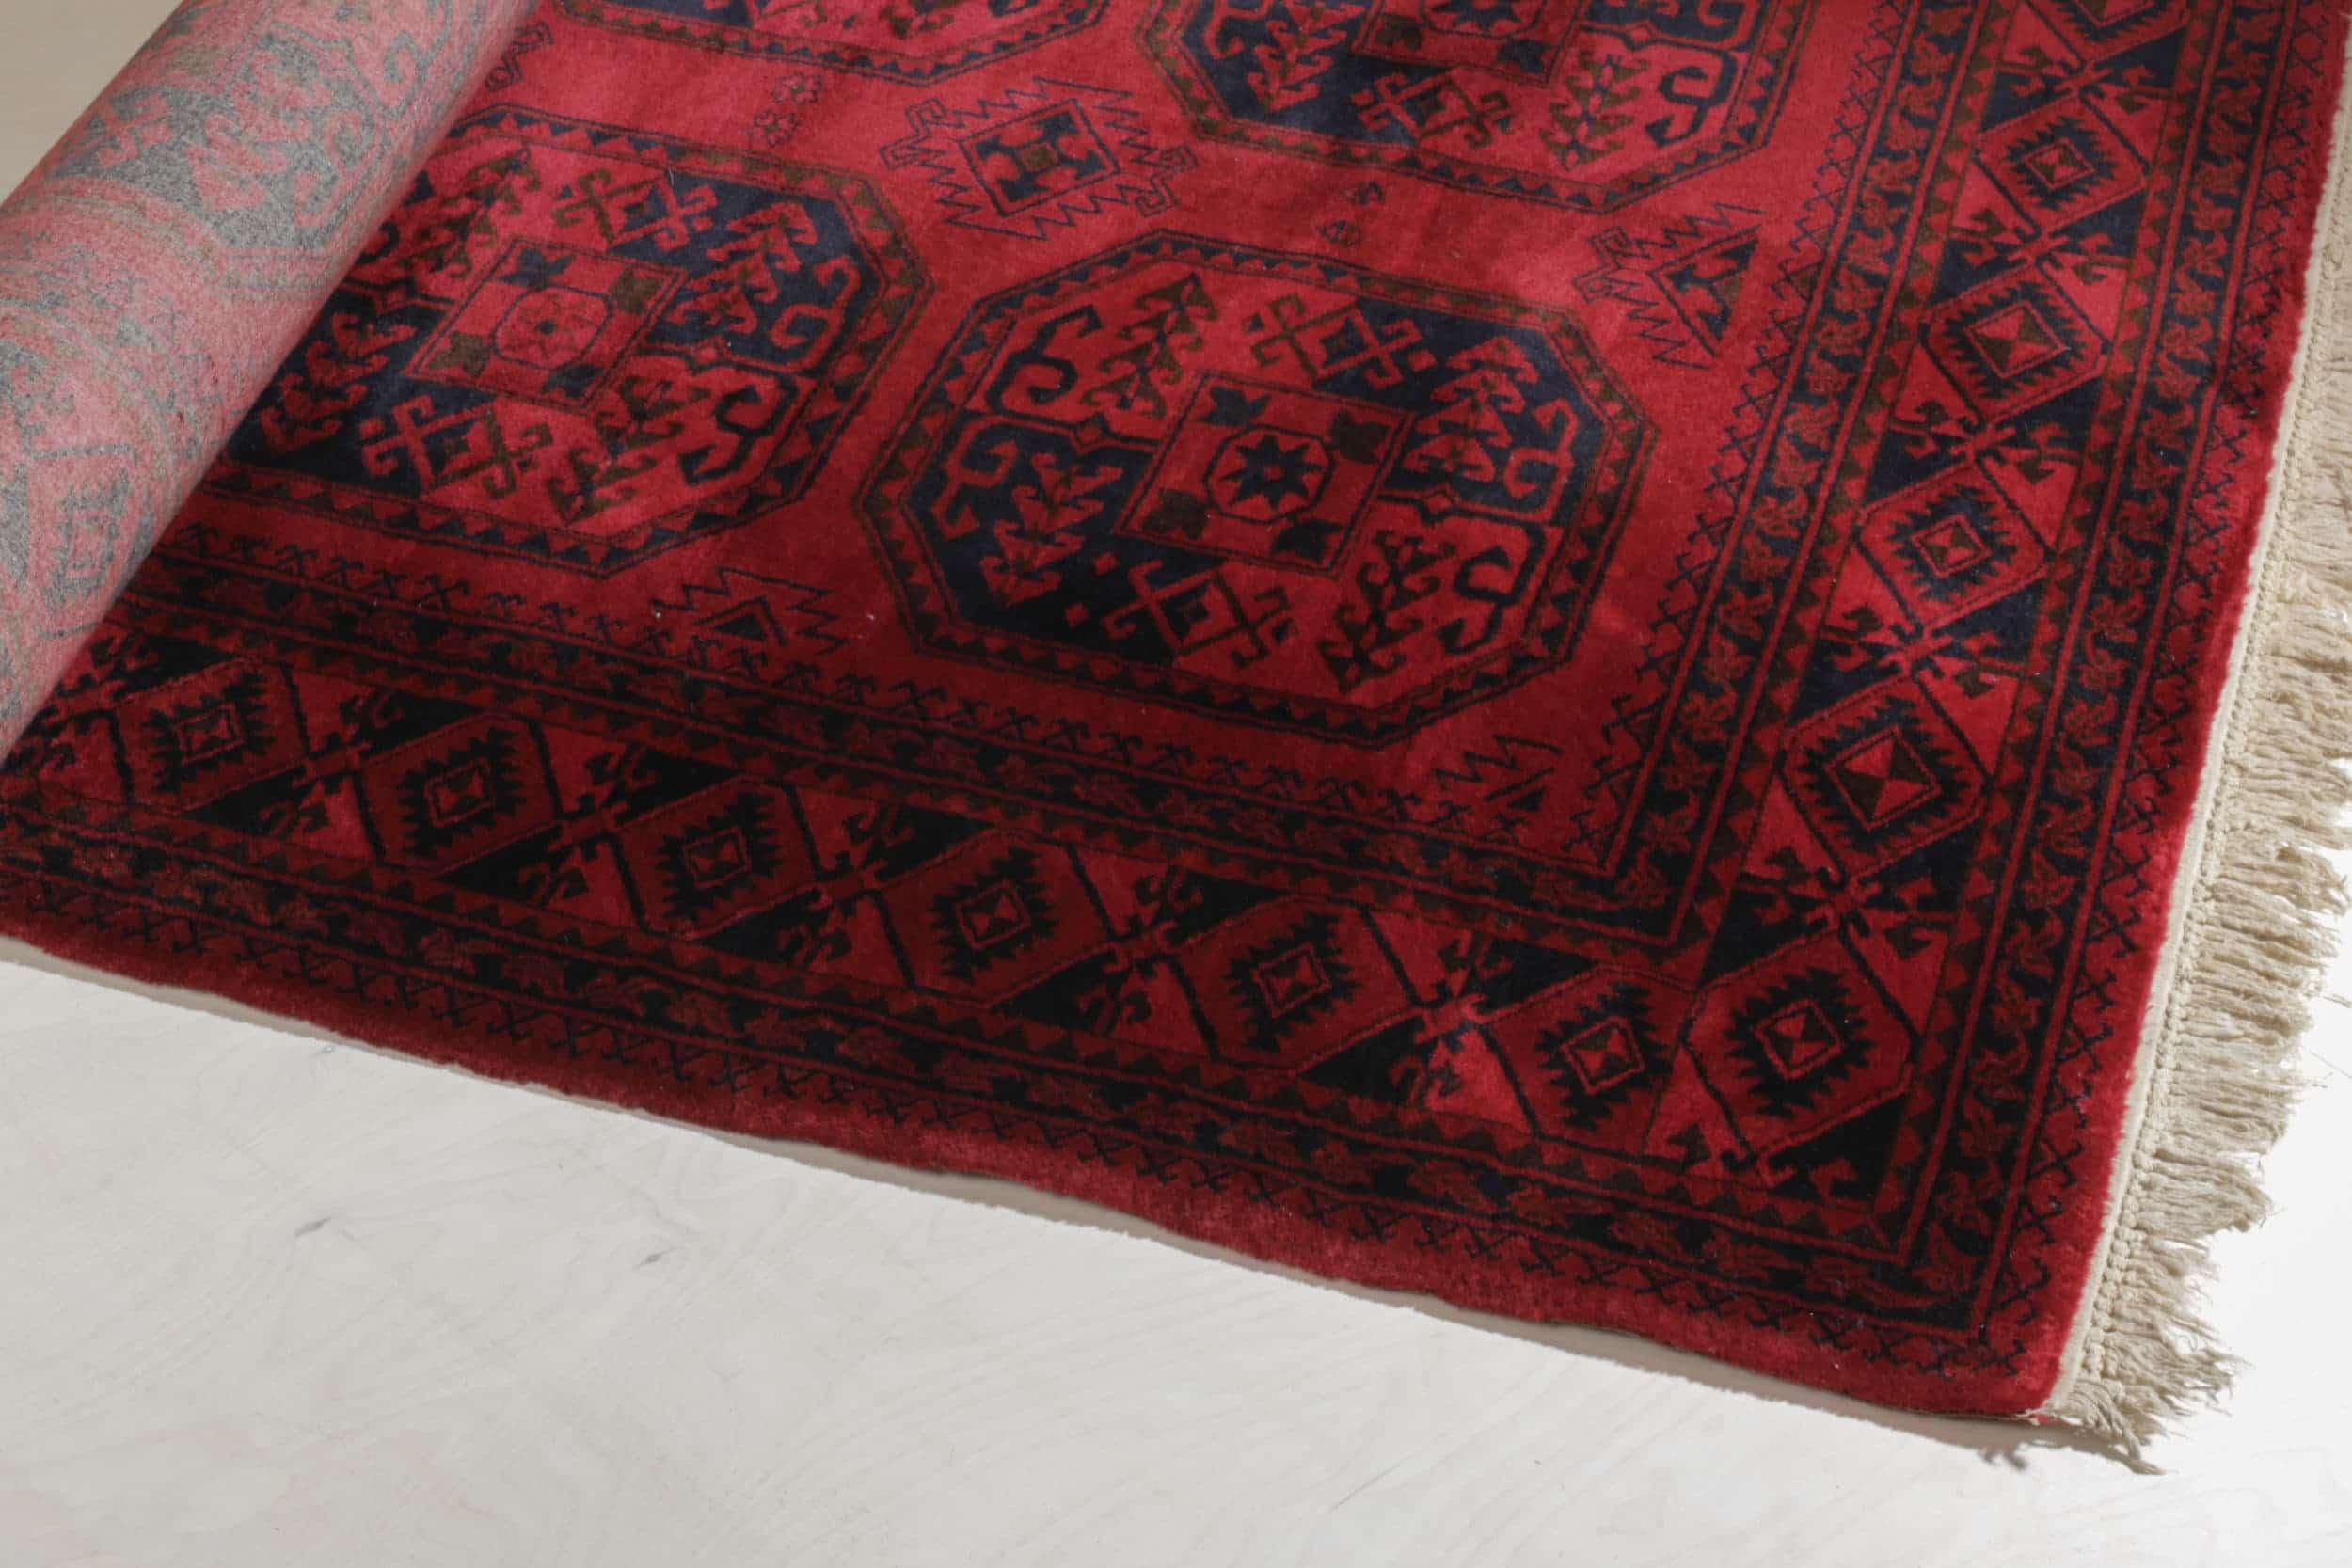 Teppich Espinillo | Wunderschöner, gut erhaltener Teppich: weich, dick und gemütlich. | gotvintage Rental & Event Design